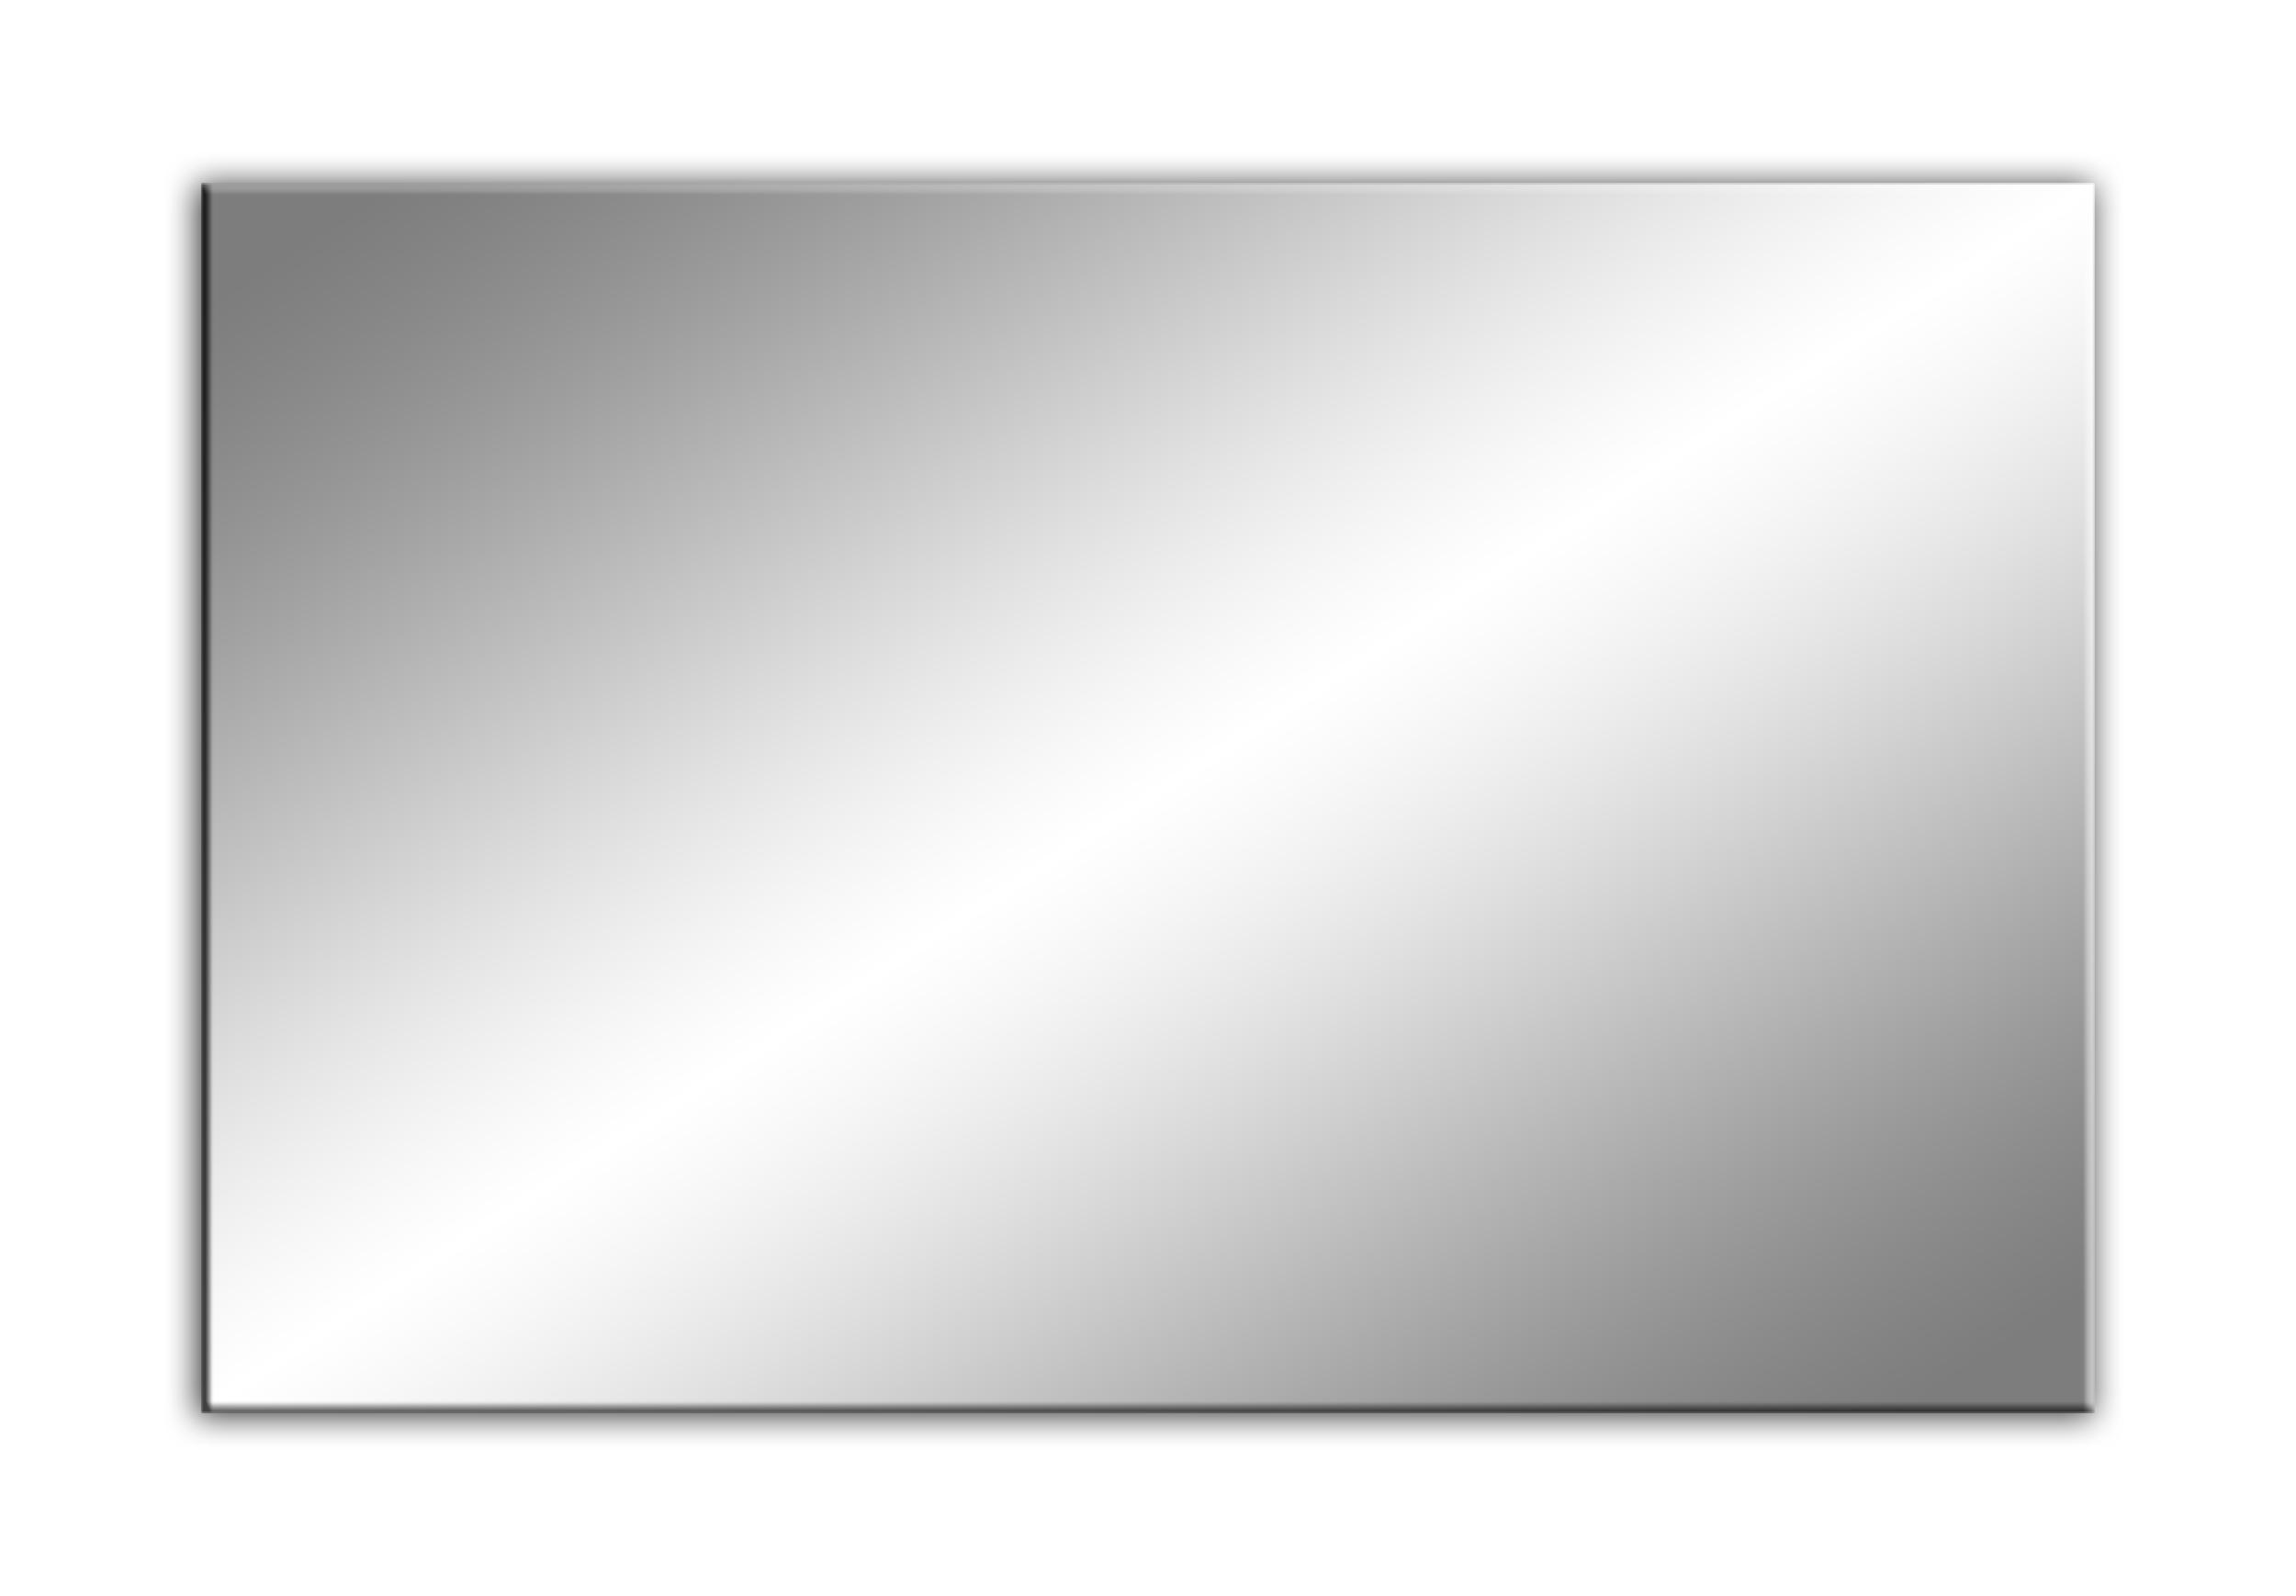 Zrkadlové taffy s brúsky + Formáty Poler 70x5010